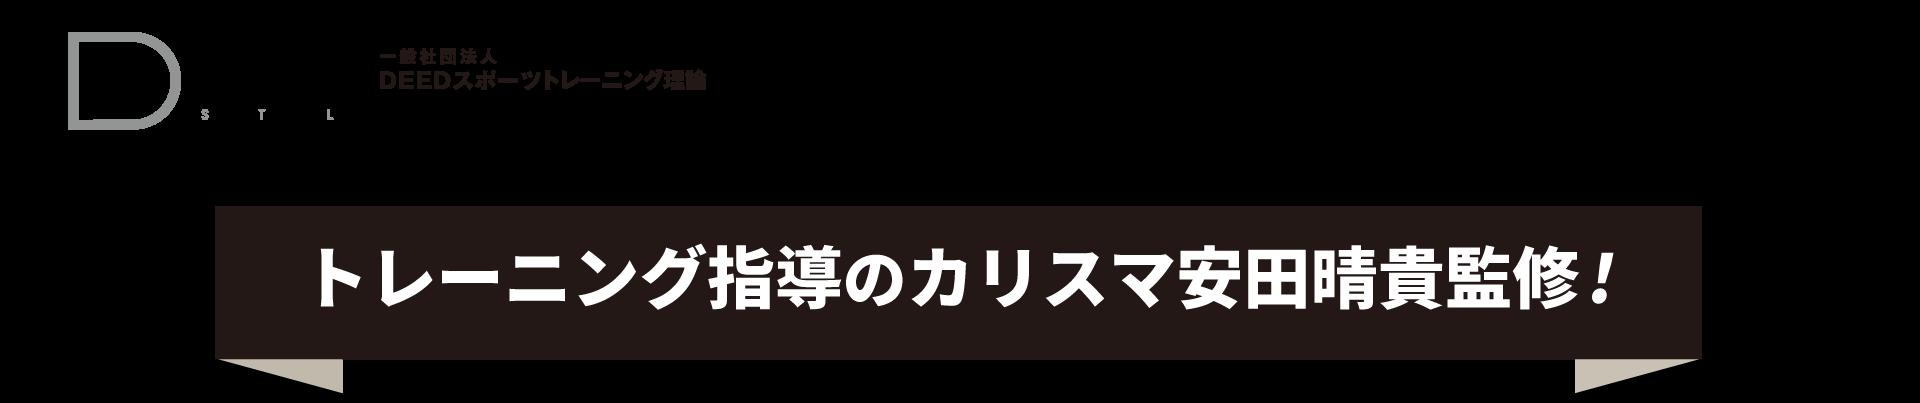 トレーニング指導のカリスマ安田晴貴監修!